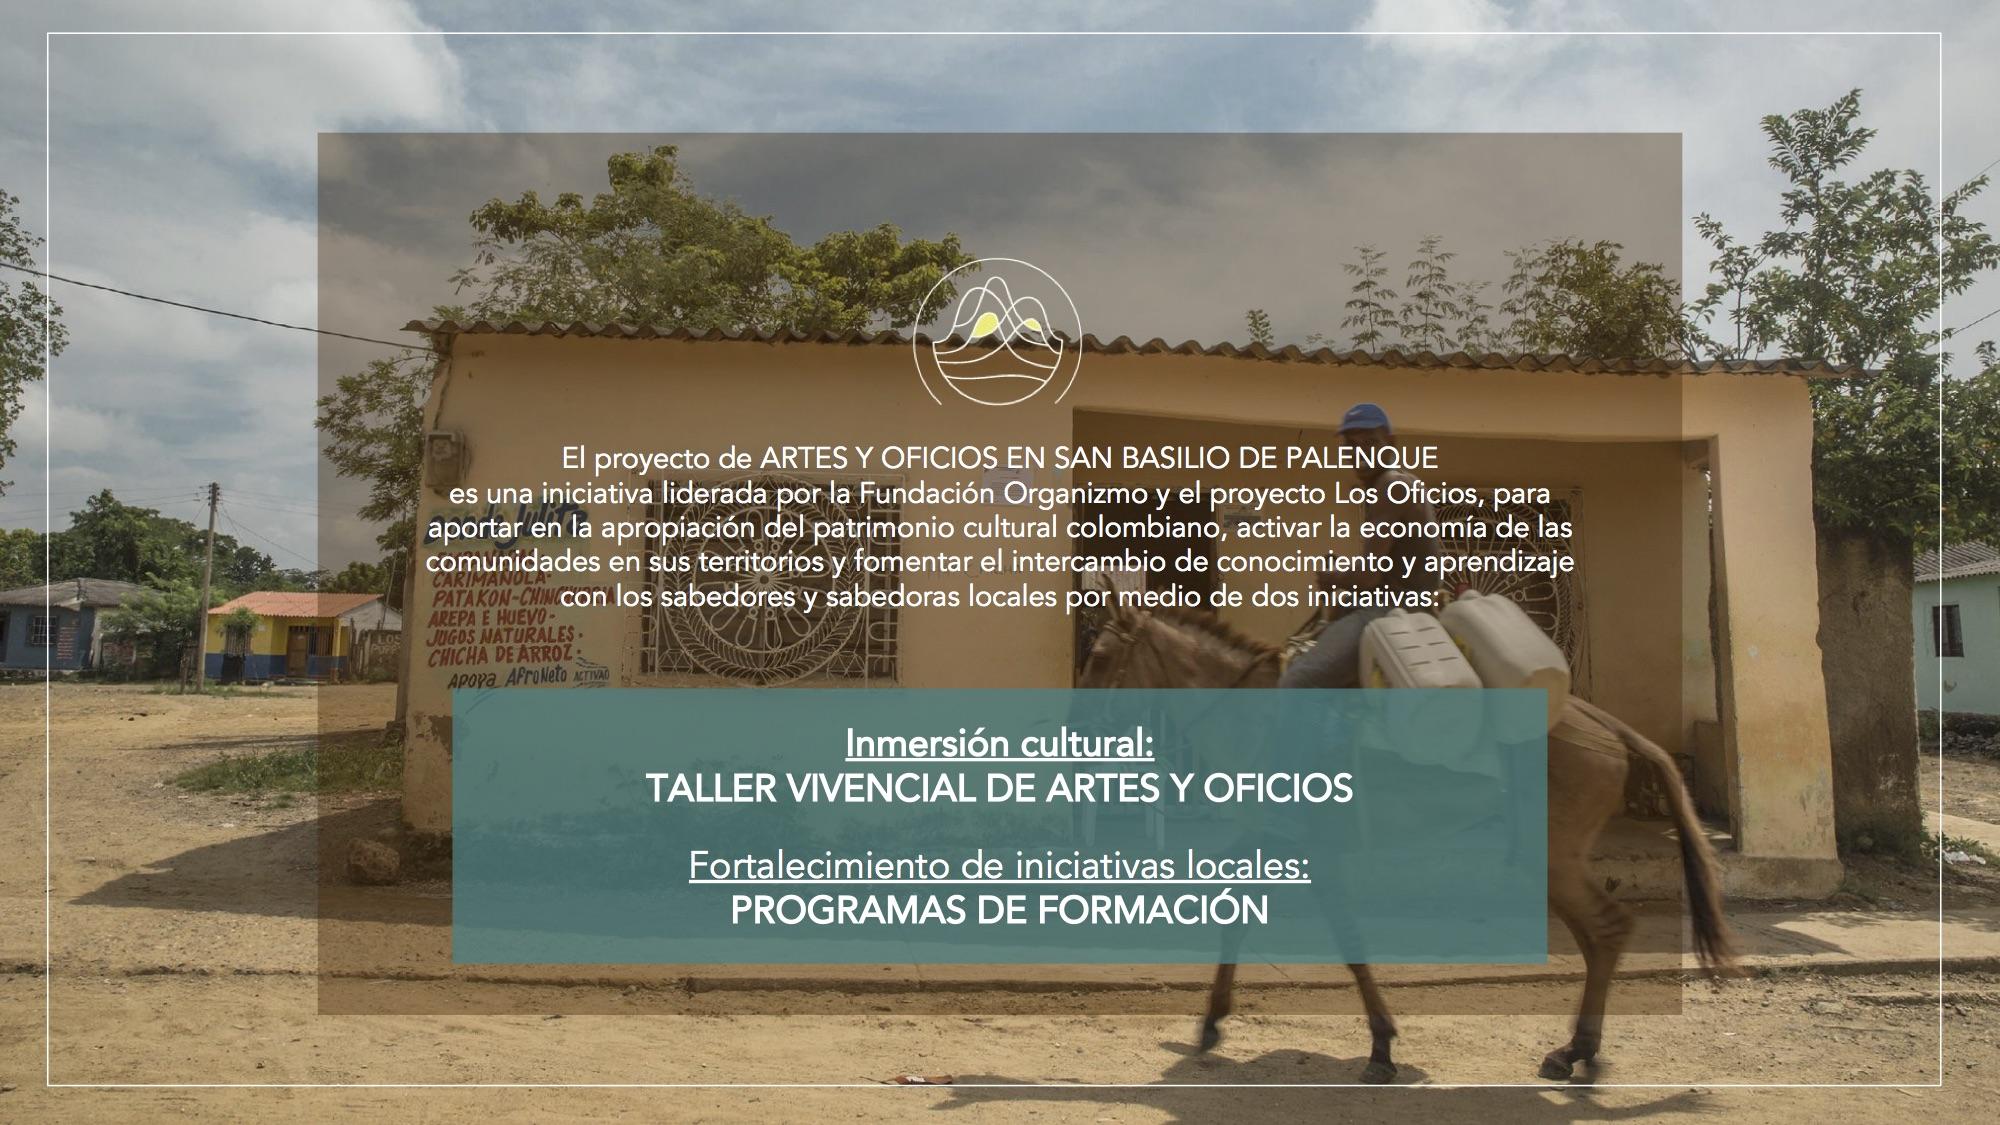 palenque3.jpg